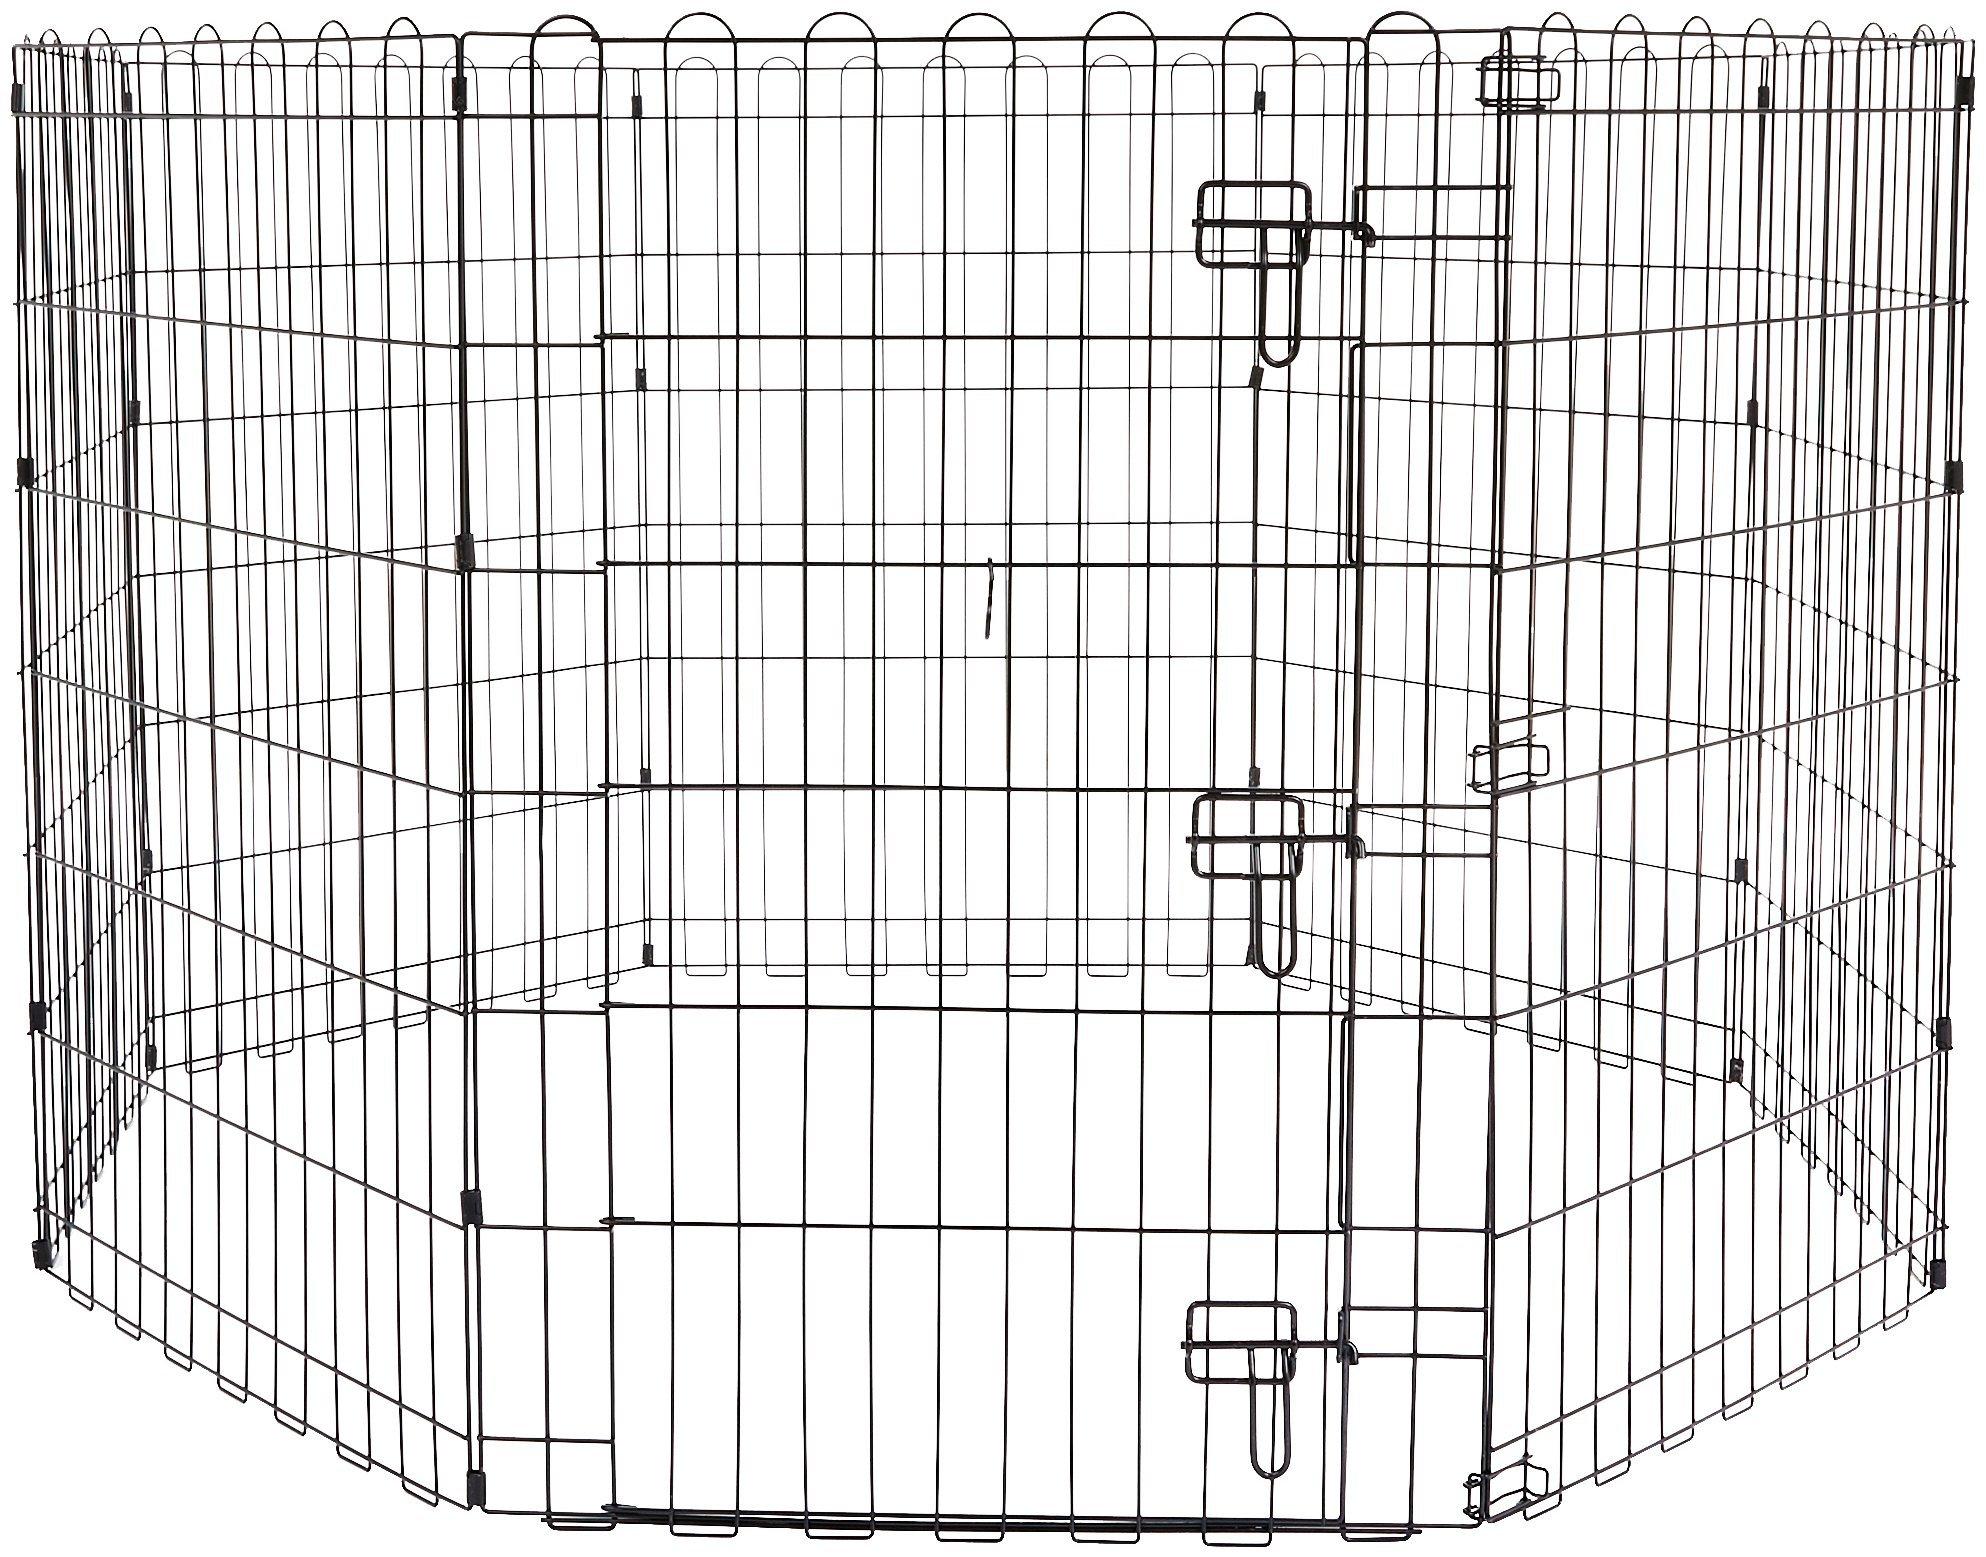 AmazonBasics Foldable Metal Pet Dog Exercise Fence Pen With Gate - 60 x 60 x 36 Inches by AmazonBasics